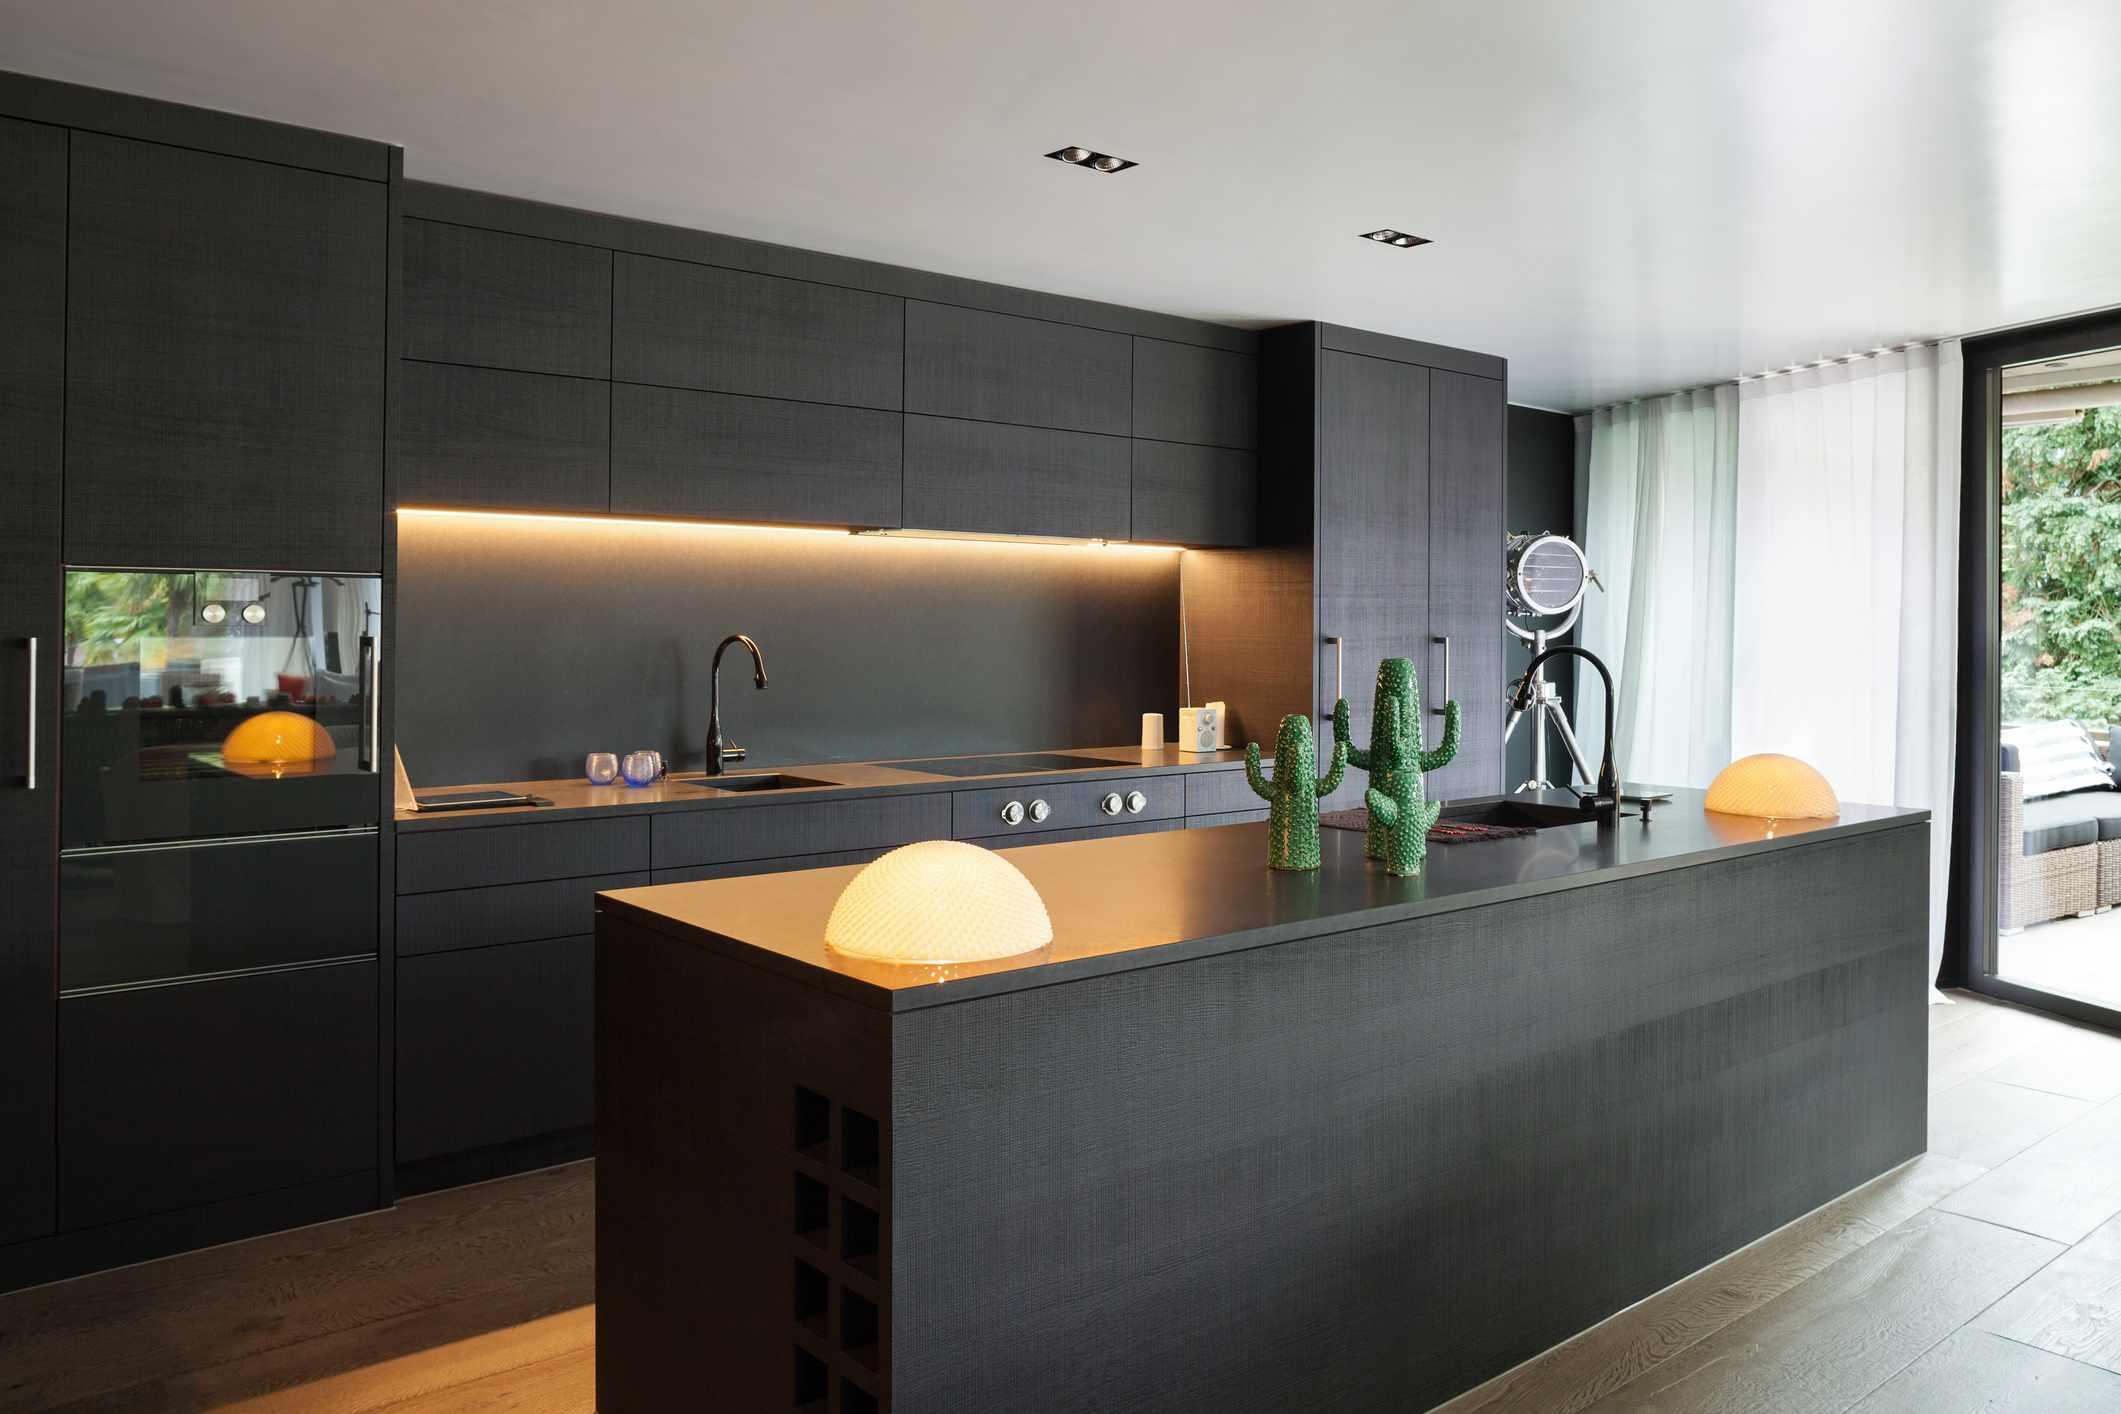 Black kitchen backsplash